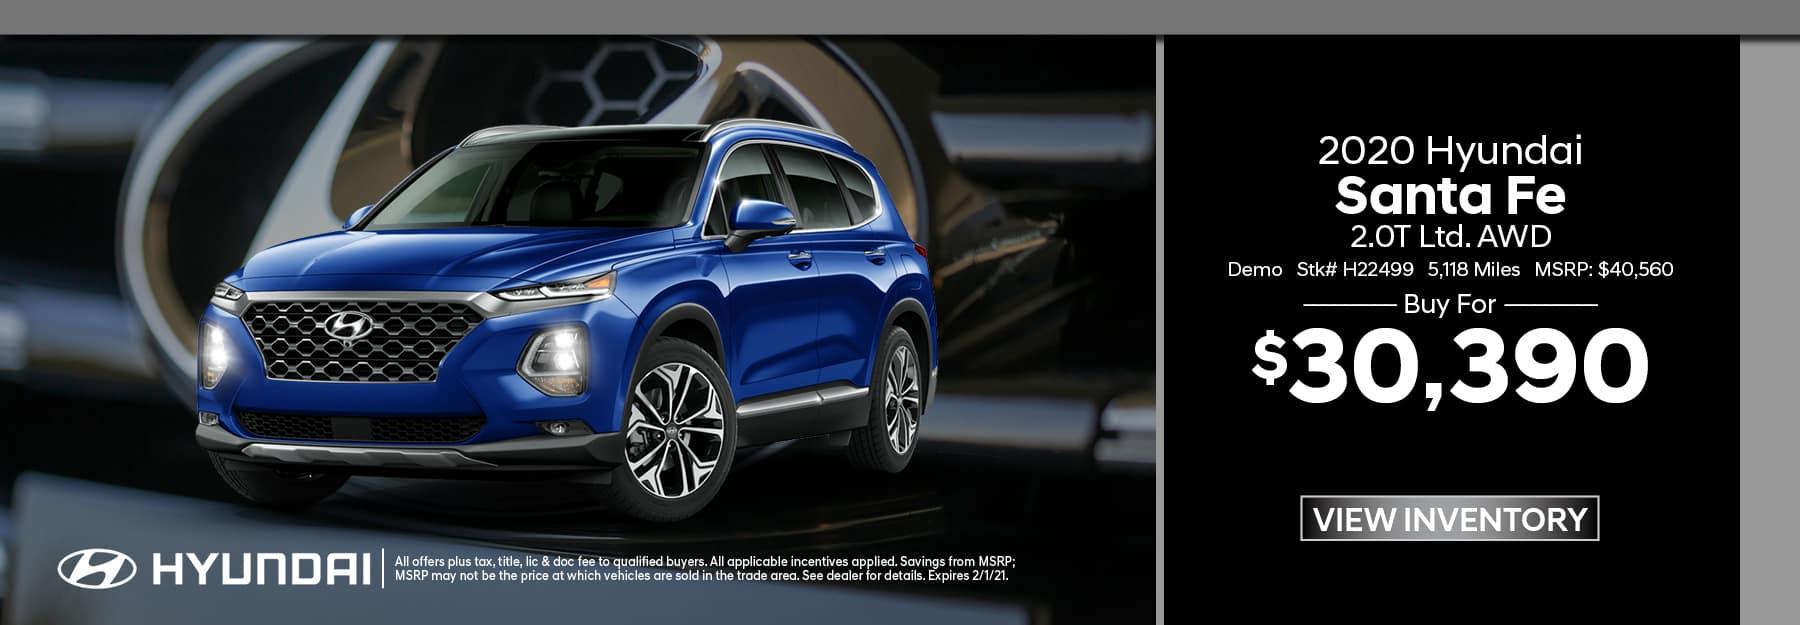 2020 Hyundai Santa Fe Demo